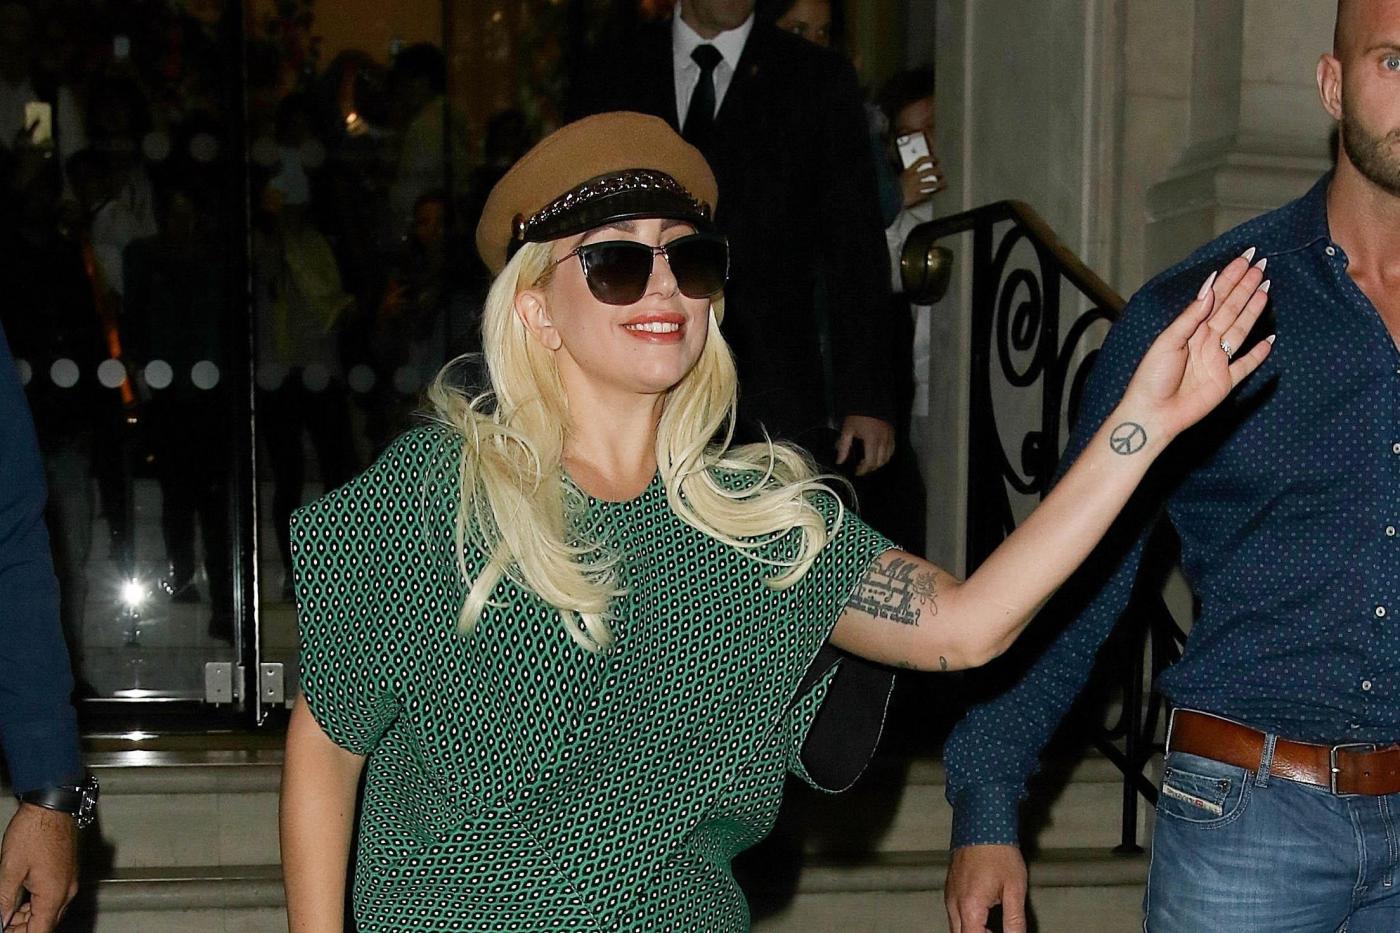 Lady Gaga con un abito verde entra nella sua Rolls Royce a Londra FOTO 9